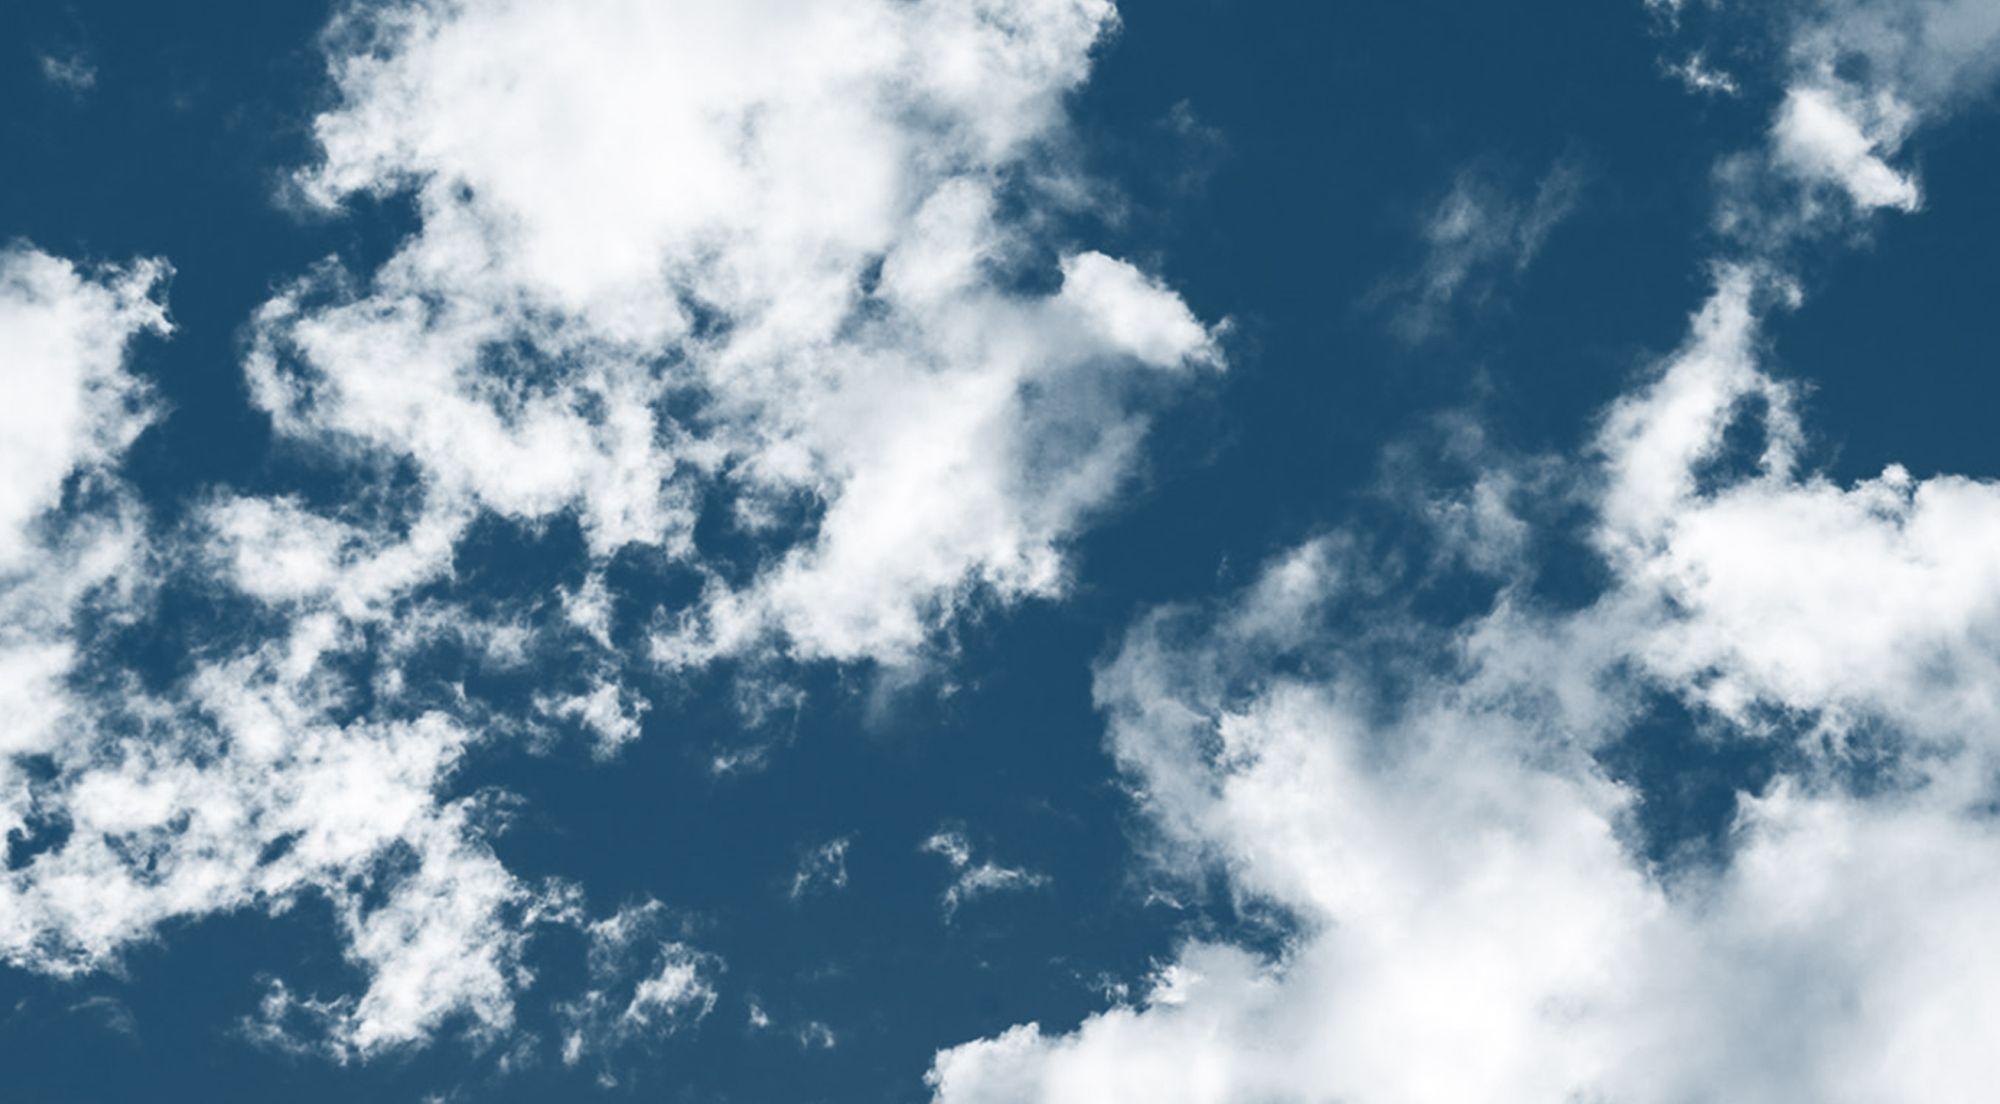 Hình ảnh mây trắng trời xanh cực đẹp